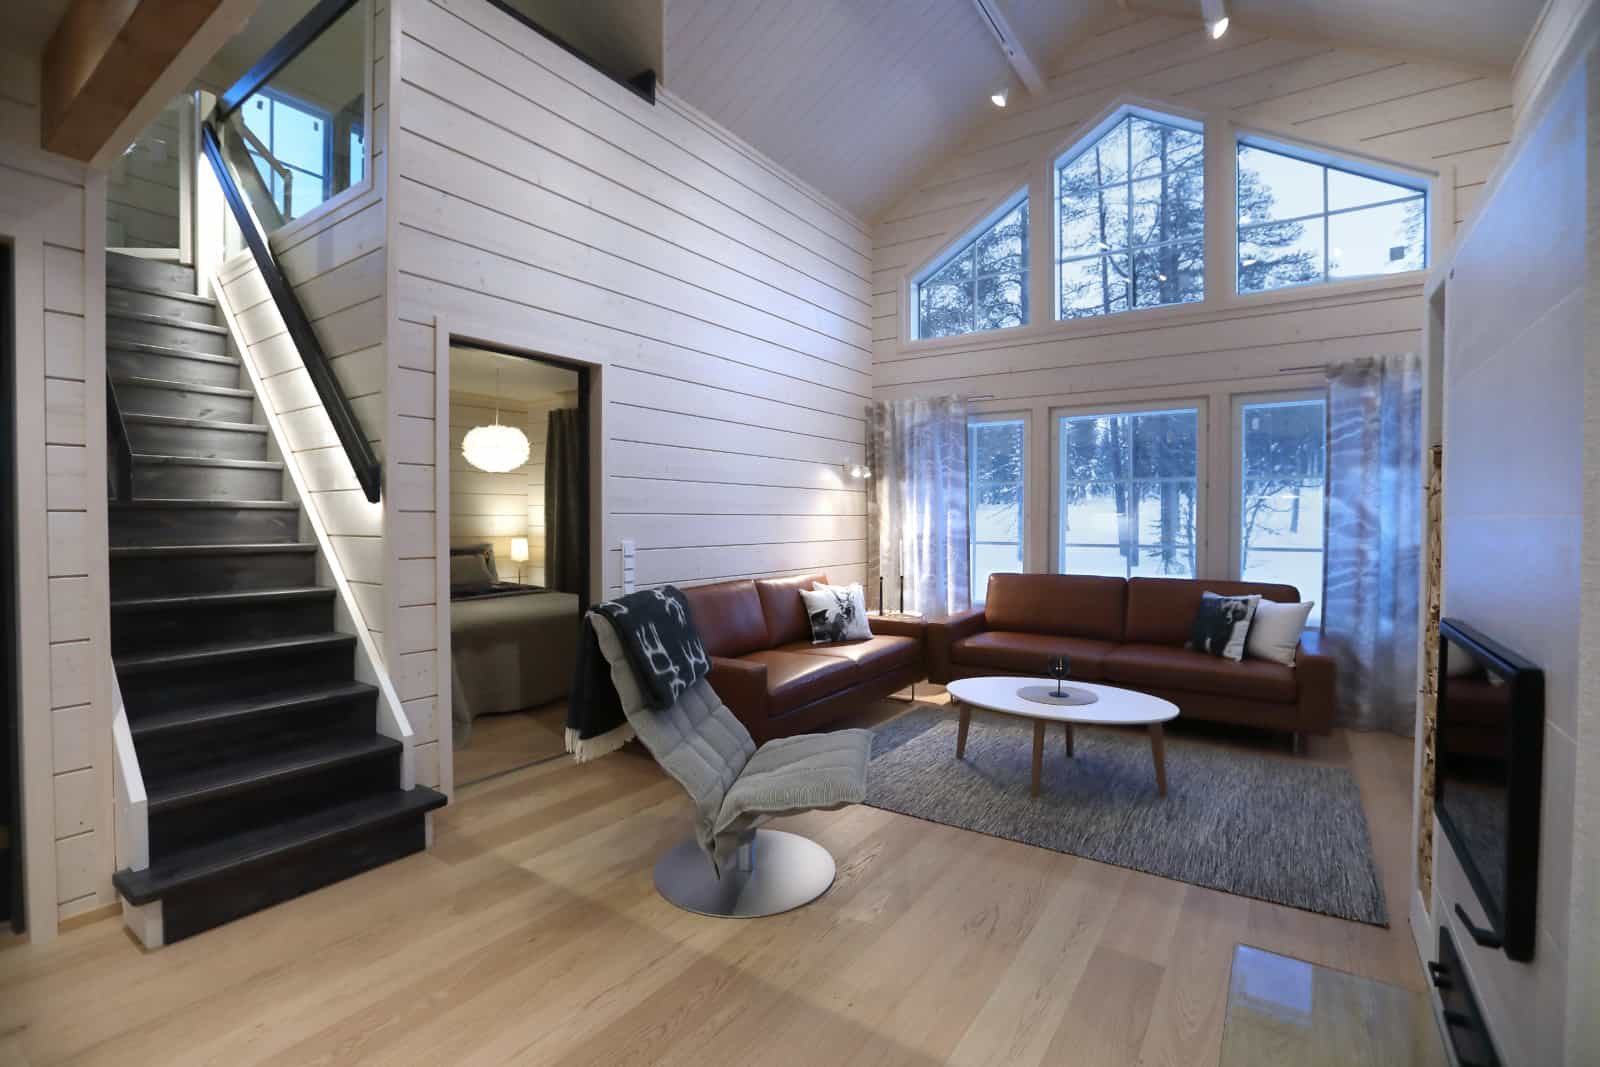 Polarhousen uusin näyttelytalo Ylläksellä, Taiga 120 on myynnissä